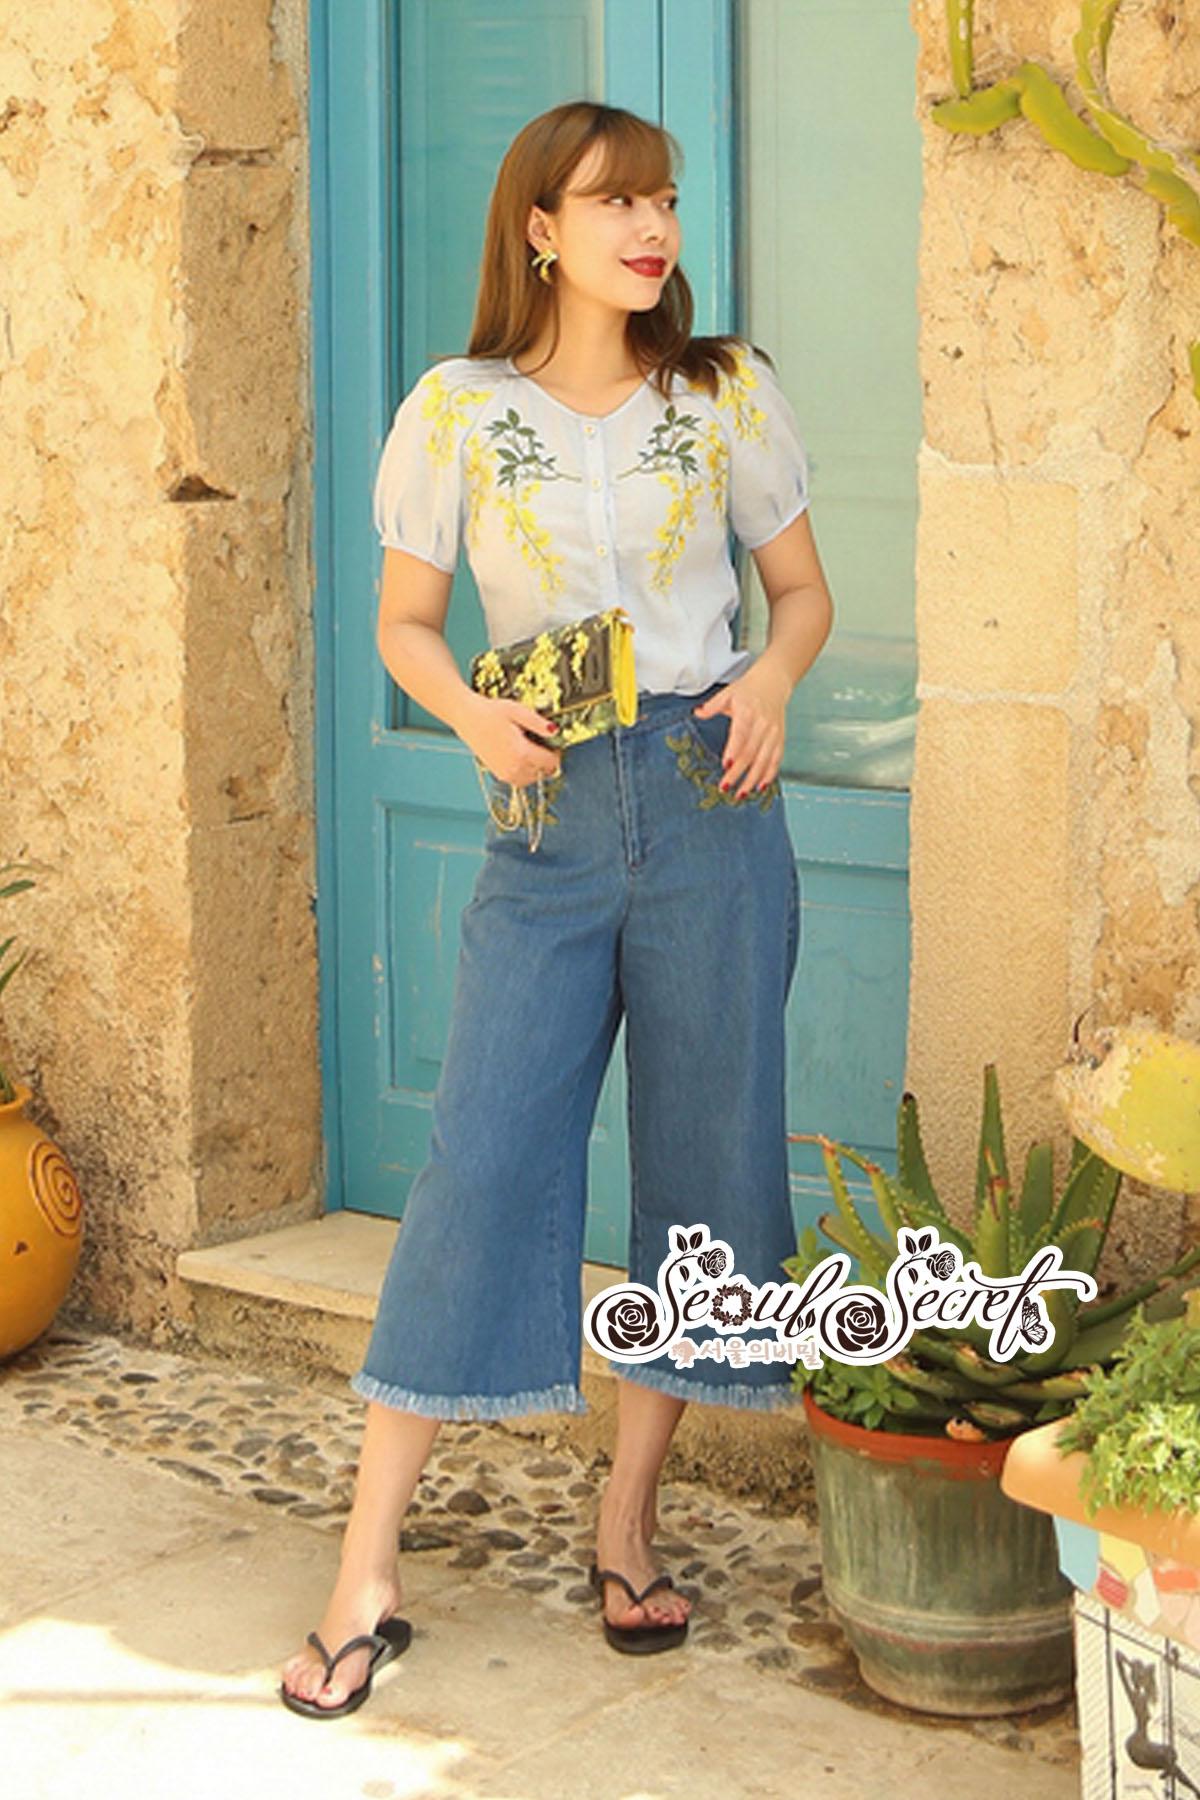 ชุดเซทแฟชั่น งานเซ็ทสวยเก๋ลุคสาววินเทจ ดีเทลเสื้อเนื้อผ้าคอตตอล